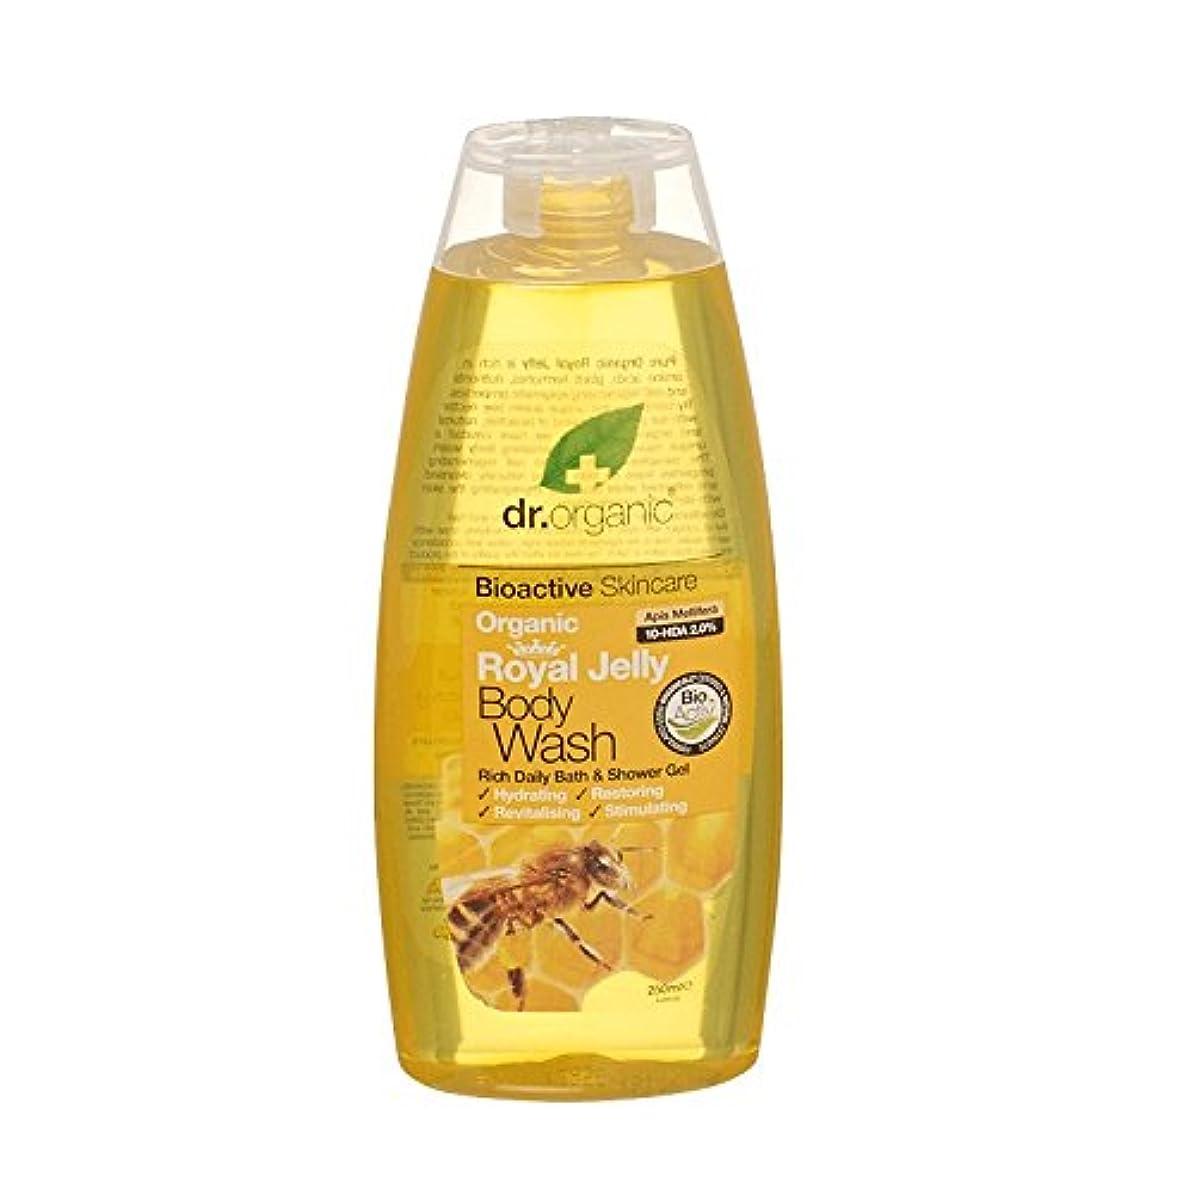 データム極小活気づけるDr有機ローヤルゼリーボディウォッシュ - Dr Organic Royal Jelly Body Wash (Dr Organic) [並行輸入品]